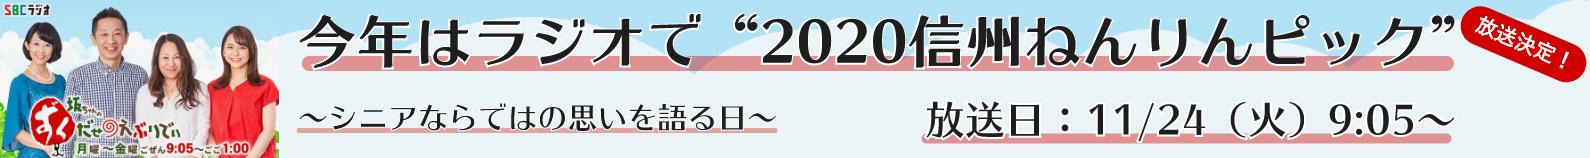 SBCラジオ「坂ちゃんのずくだせえぶりでい」11月24日(火)9:05 ~2020 信州ねんりんピック シニアならではの思いを語る日~ 放送決定!